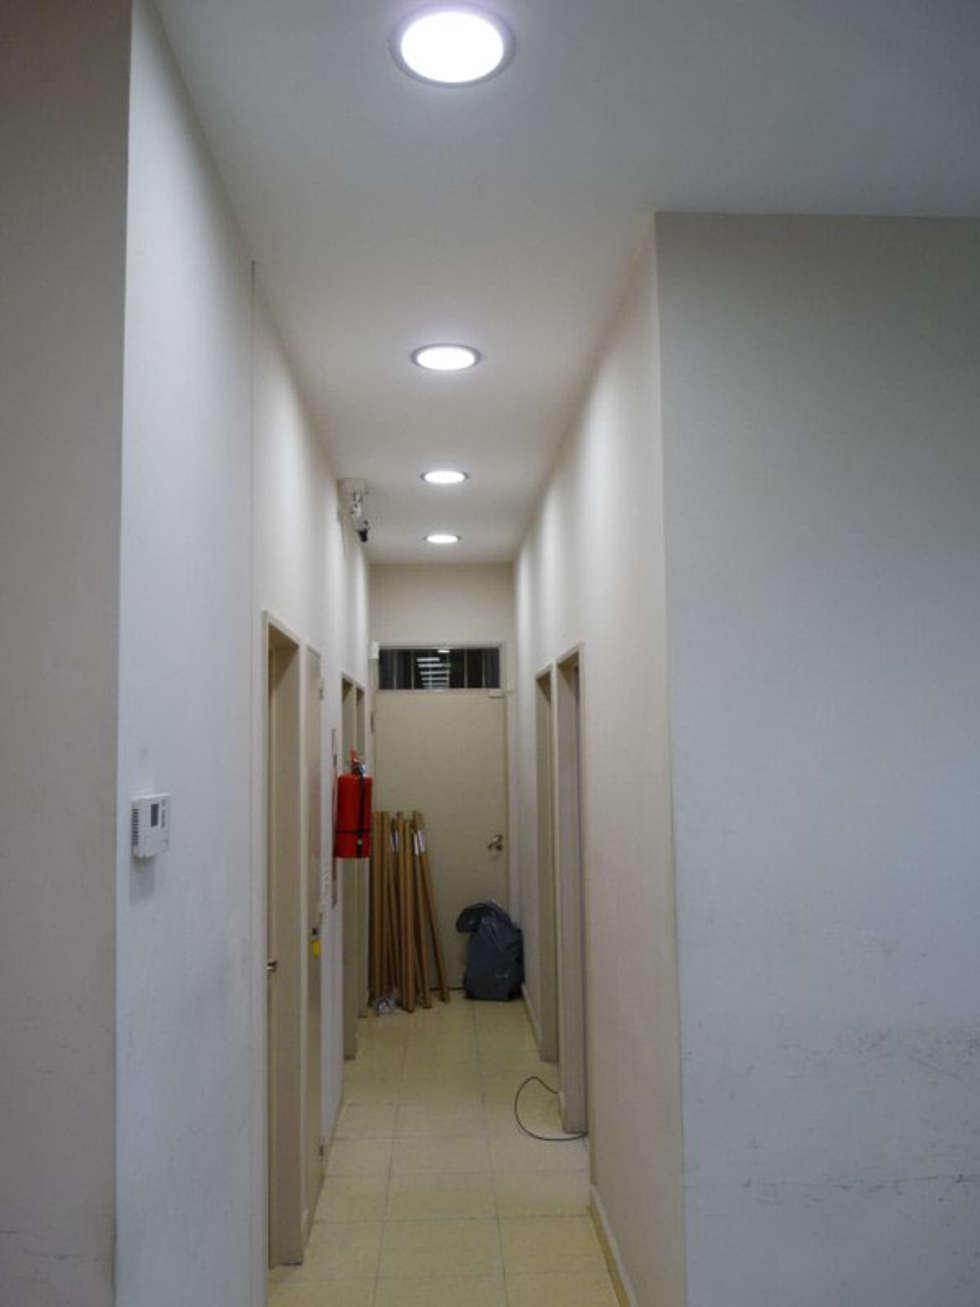 Iluminación LED, Banco Provinciao Interior Y Marquesina, Todo Con LEDs:  Oficinas Y Locales